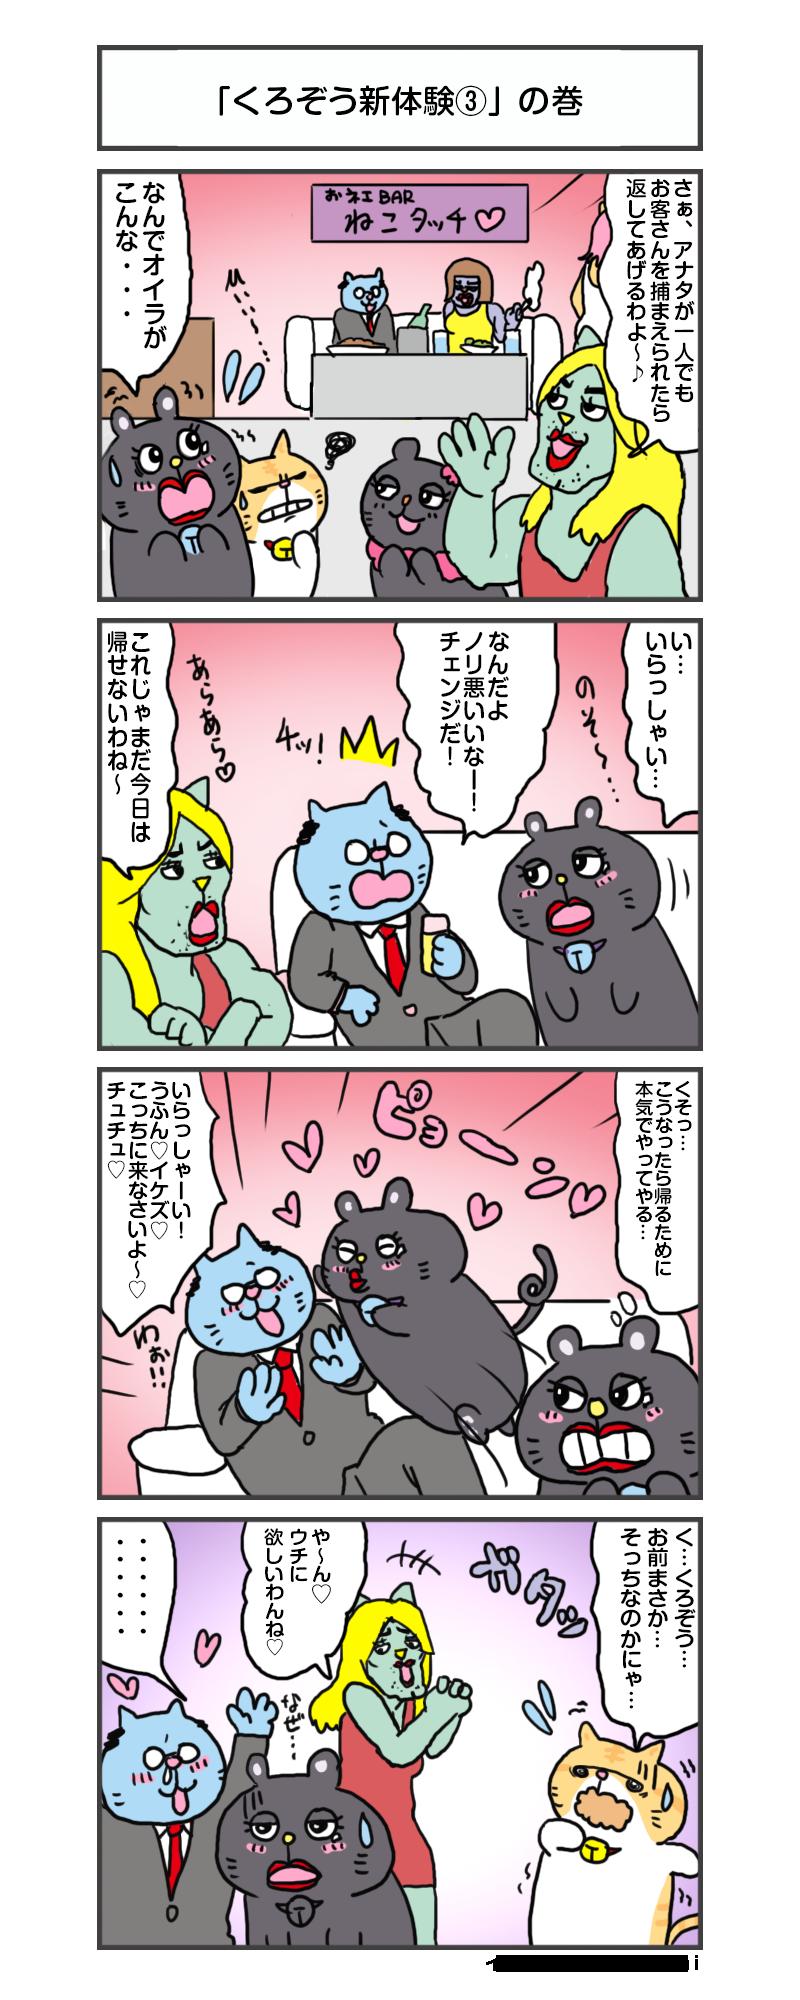 縺医″縺昴y縺・anga_vol.207